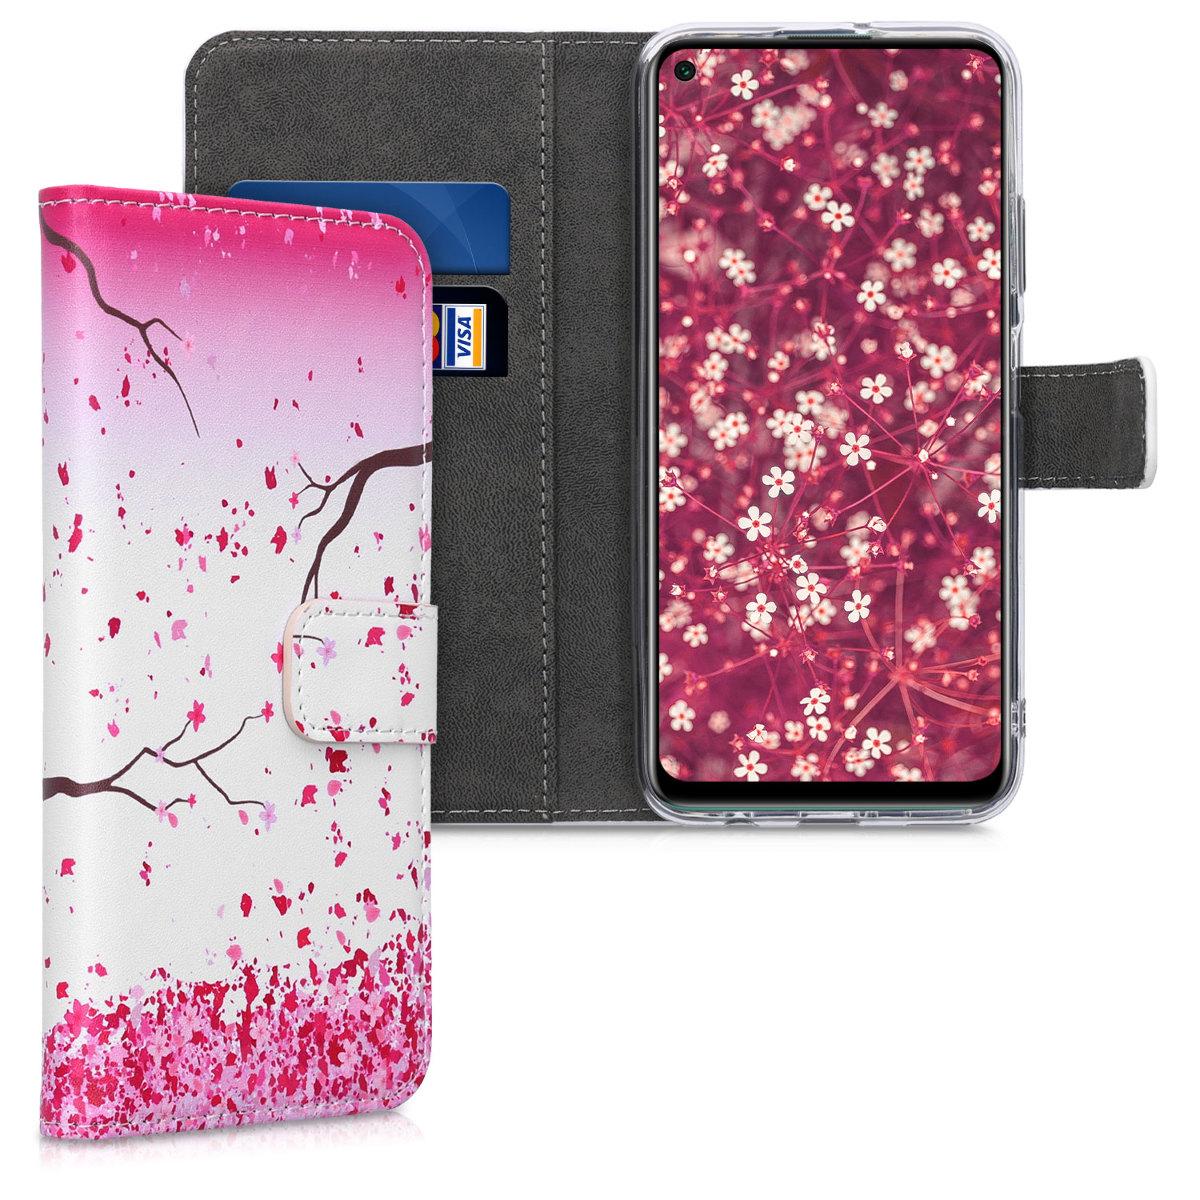 Růžové kožené pouzdro / obal peněženka s třešňovými květy pro Huawei P40 Lite